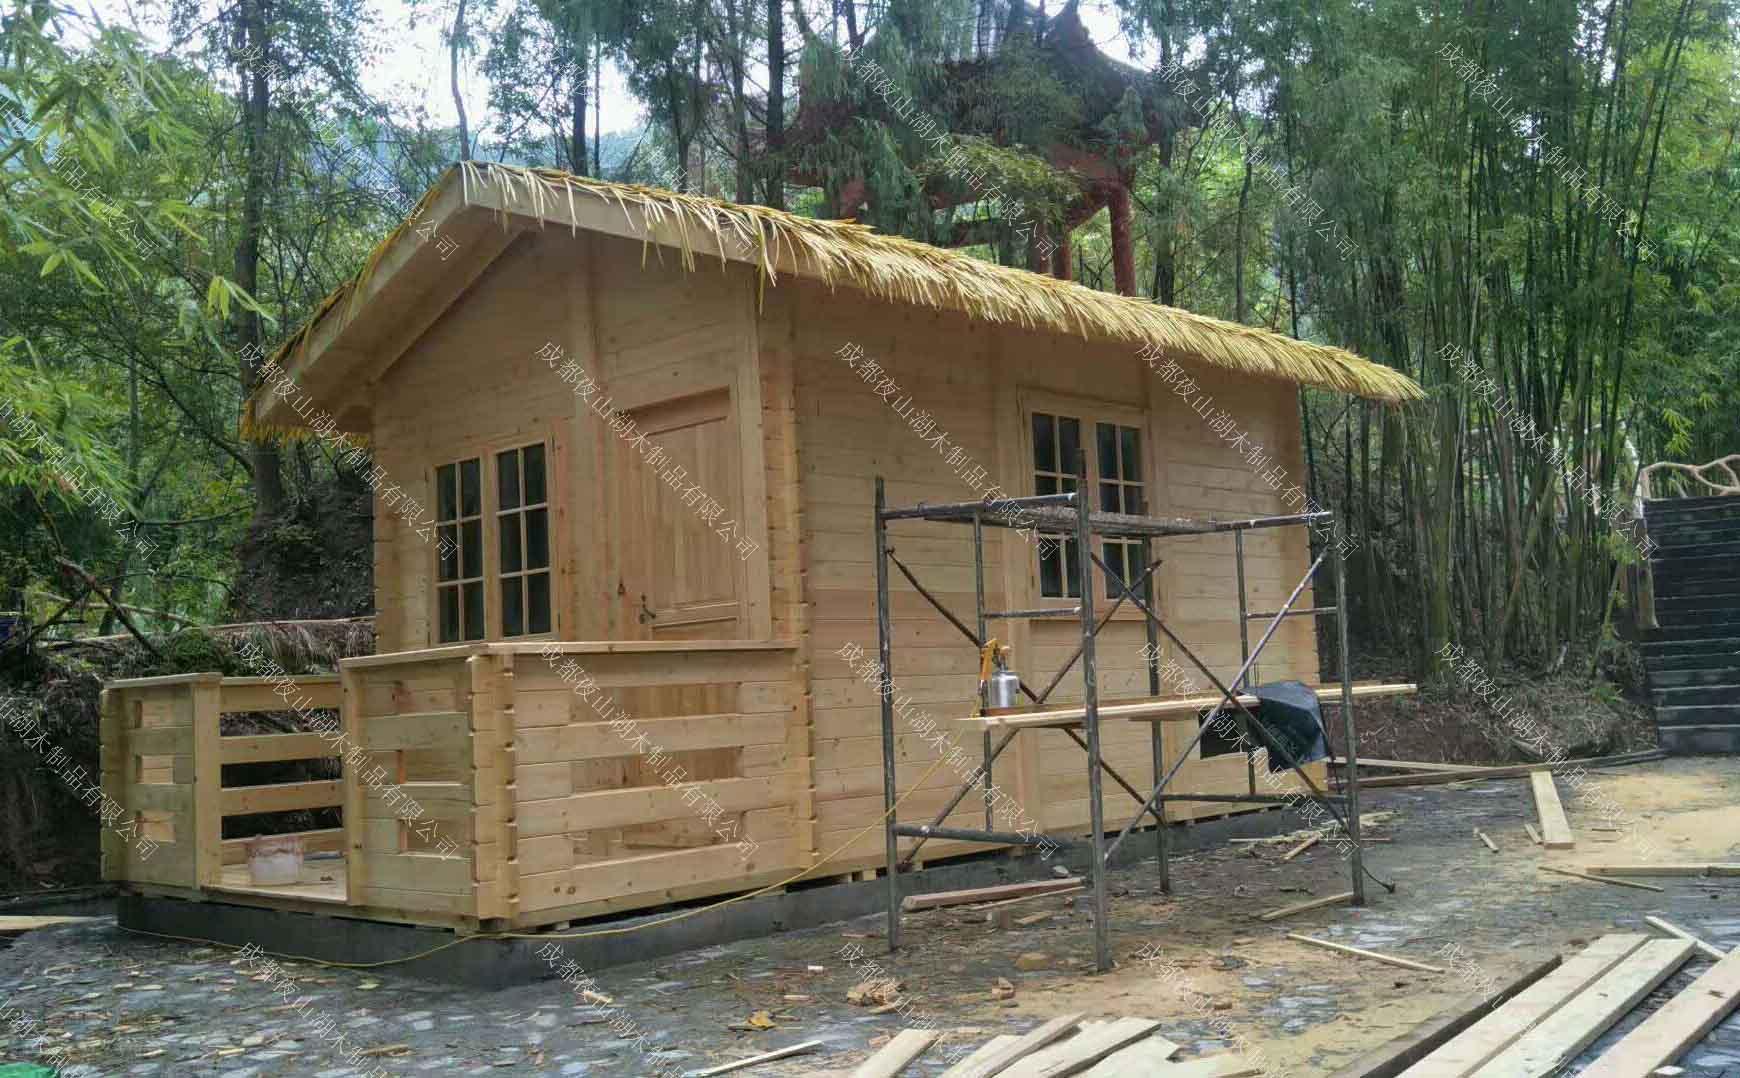 成都防腐木木屋厂家为您详细介绍:木屋别墅为什么要选择防腐木?